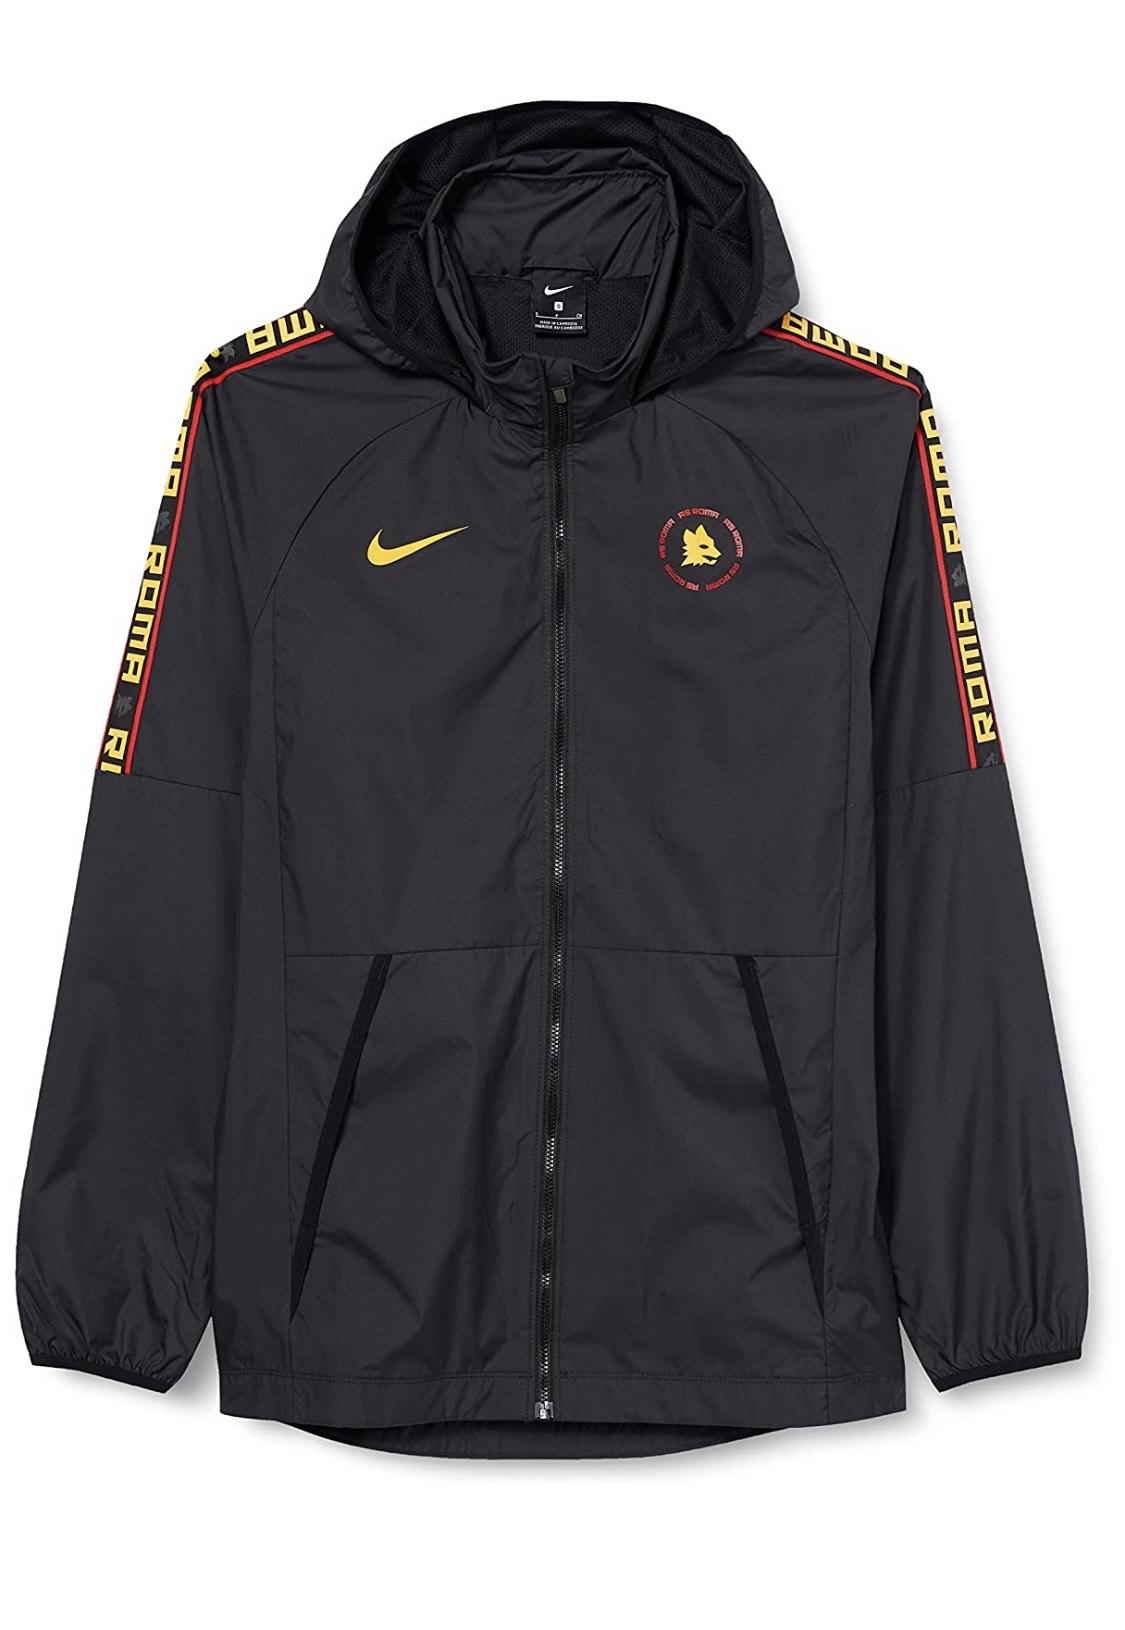 Talla S NIKE Roma M Nk Awf Lte Jkt Sport jacket